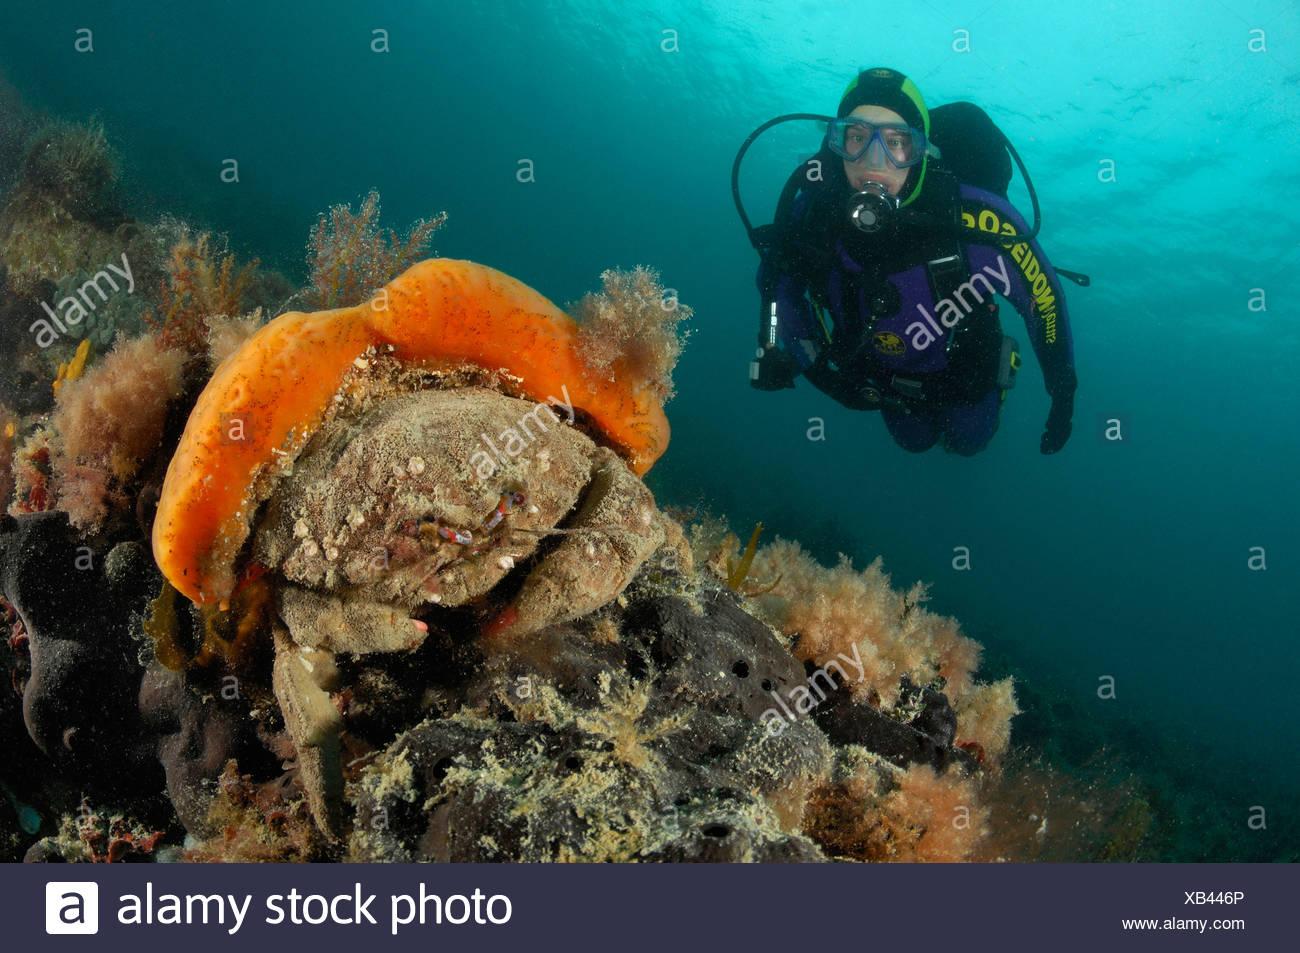 Crabe éponge éponge orange report, Dromia personata, Piran, Slovénie, la mer Adriatique Banque D'Images